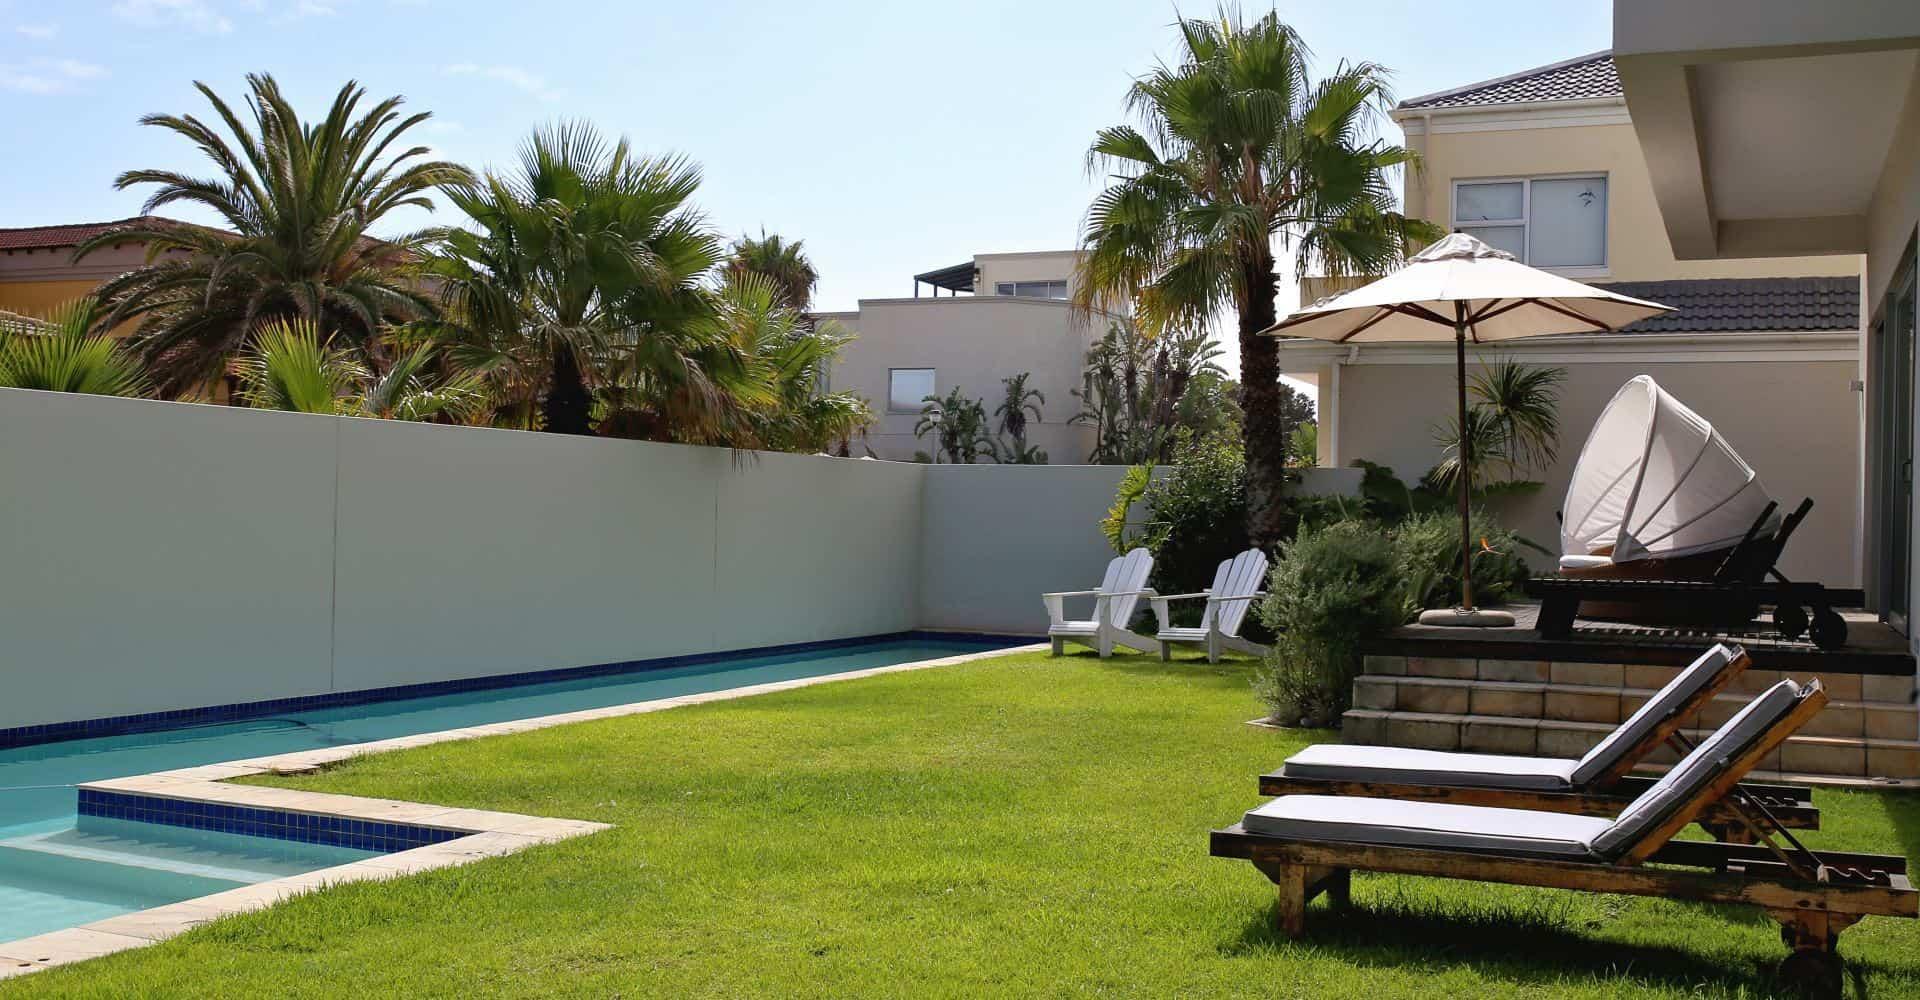 Garten mit Pool und Liegen zum Entspannen im Da Heim Guesthouse